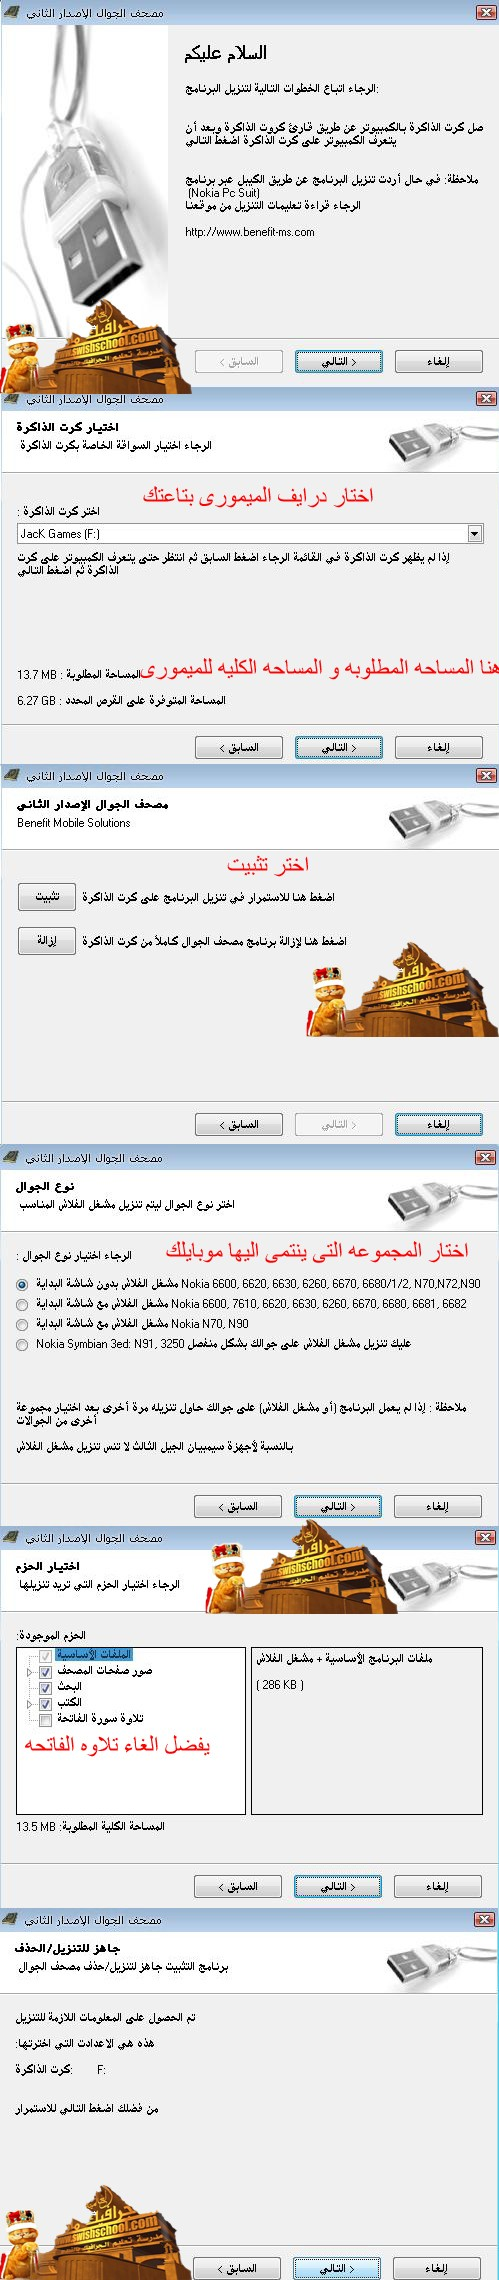 .. المصحف الكريم مرئى و مسموع للموبايل.. أضخم موضوع للمصحف المرتل صوت و  12310